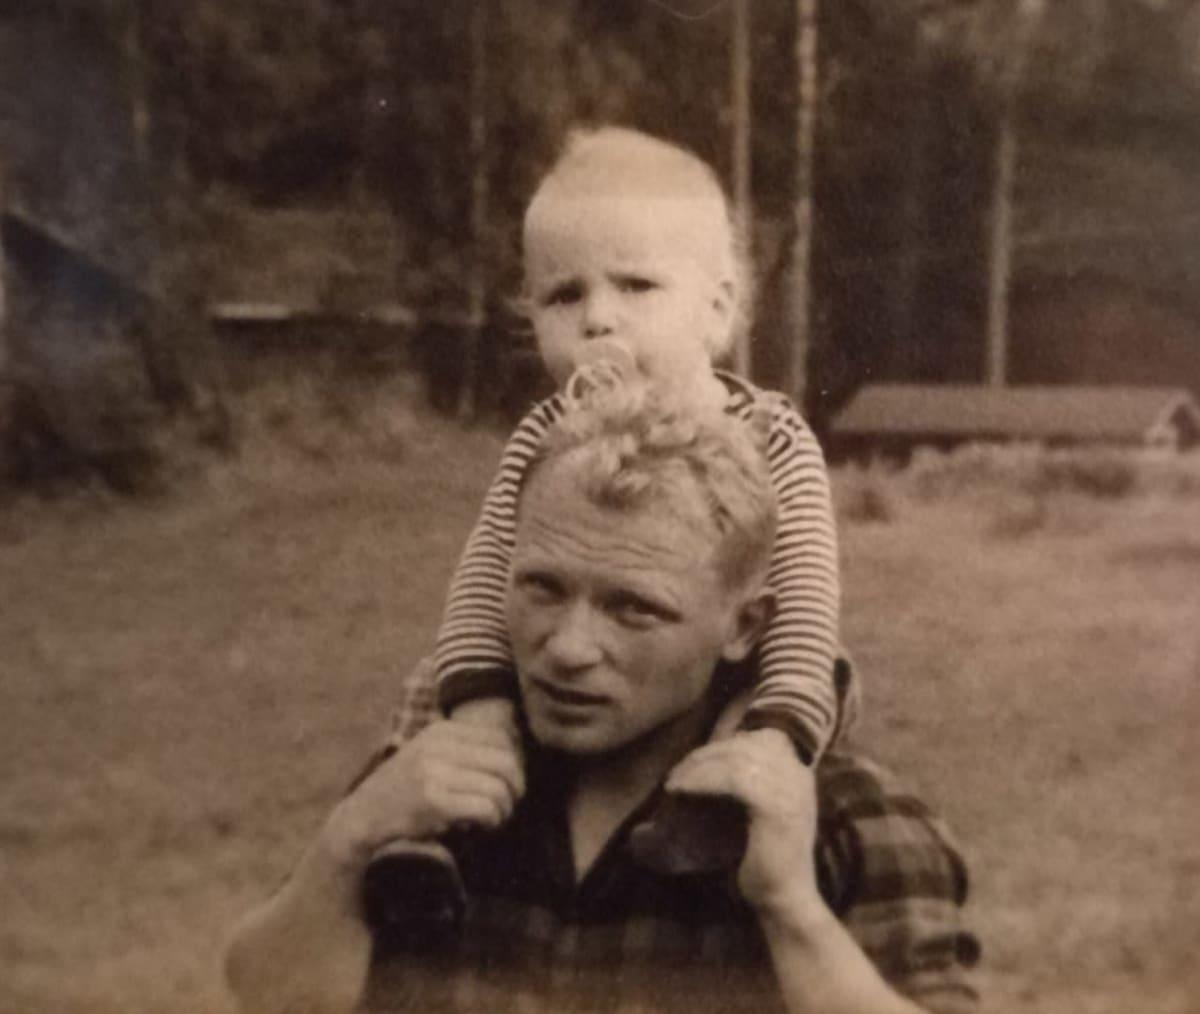 vanhassa mustavalkokuvassa on pieni poika tutti suussa isänsä harteilla.